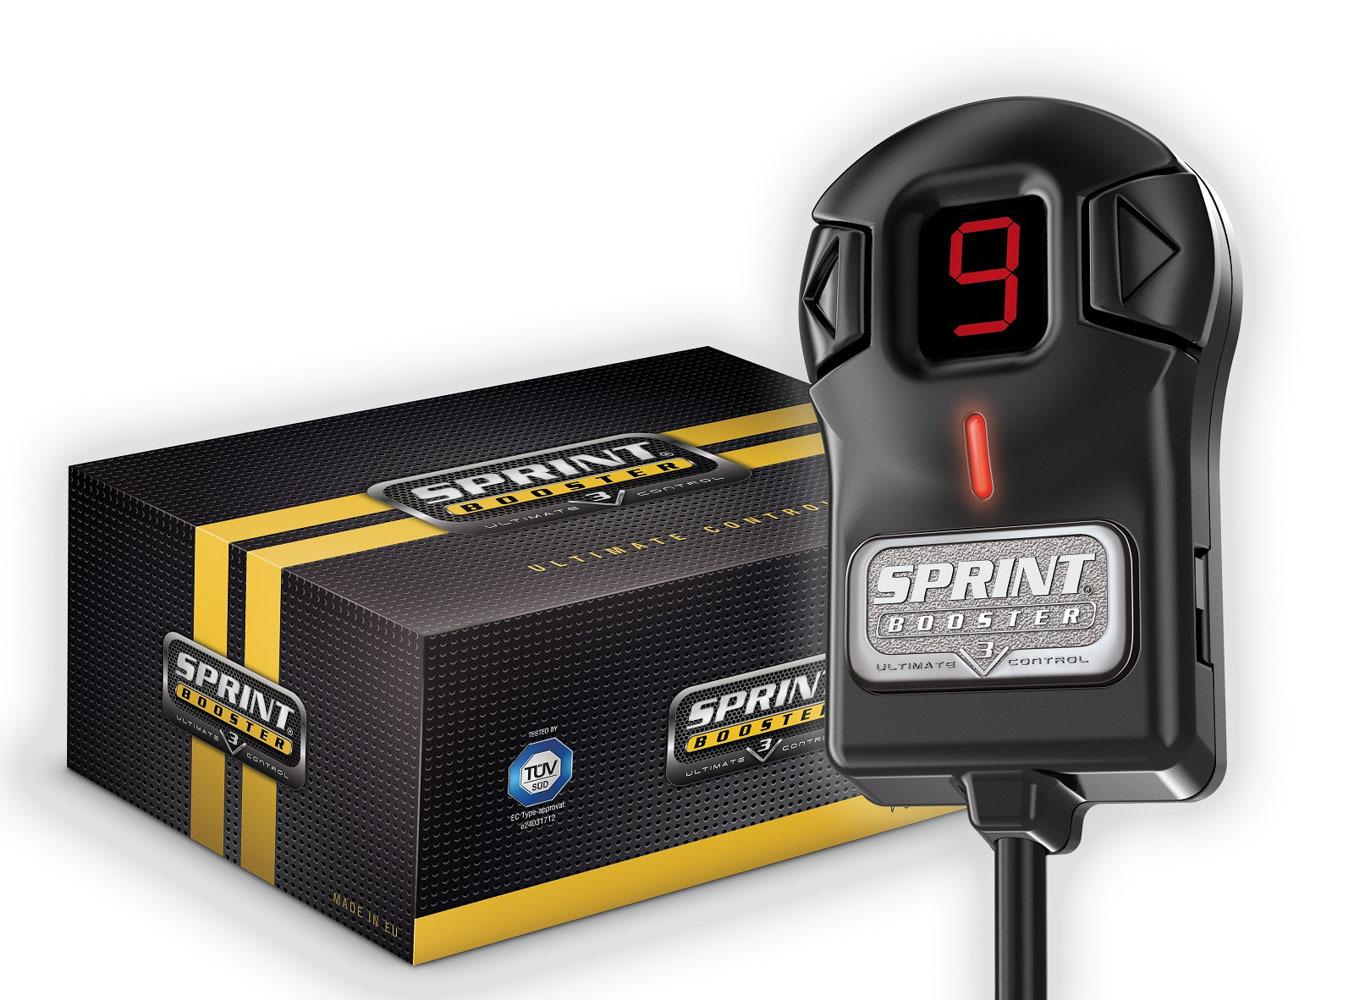 Afe Power Sprint Booster Power Con verter Dodge Trucks 06.5